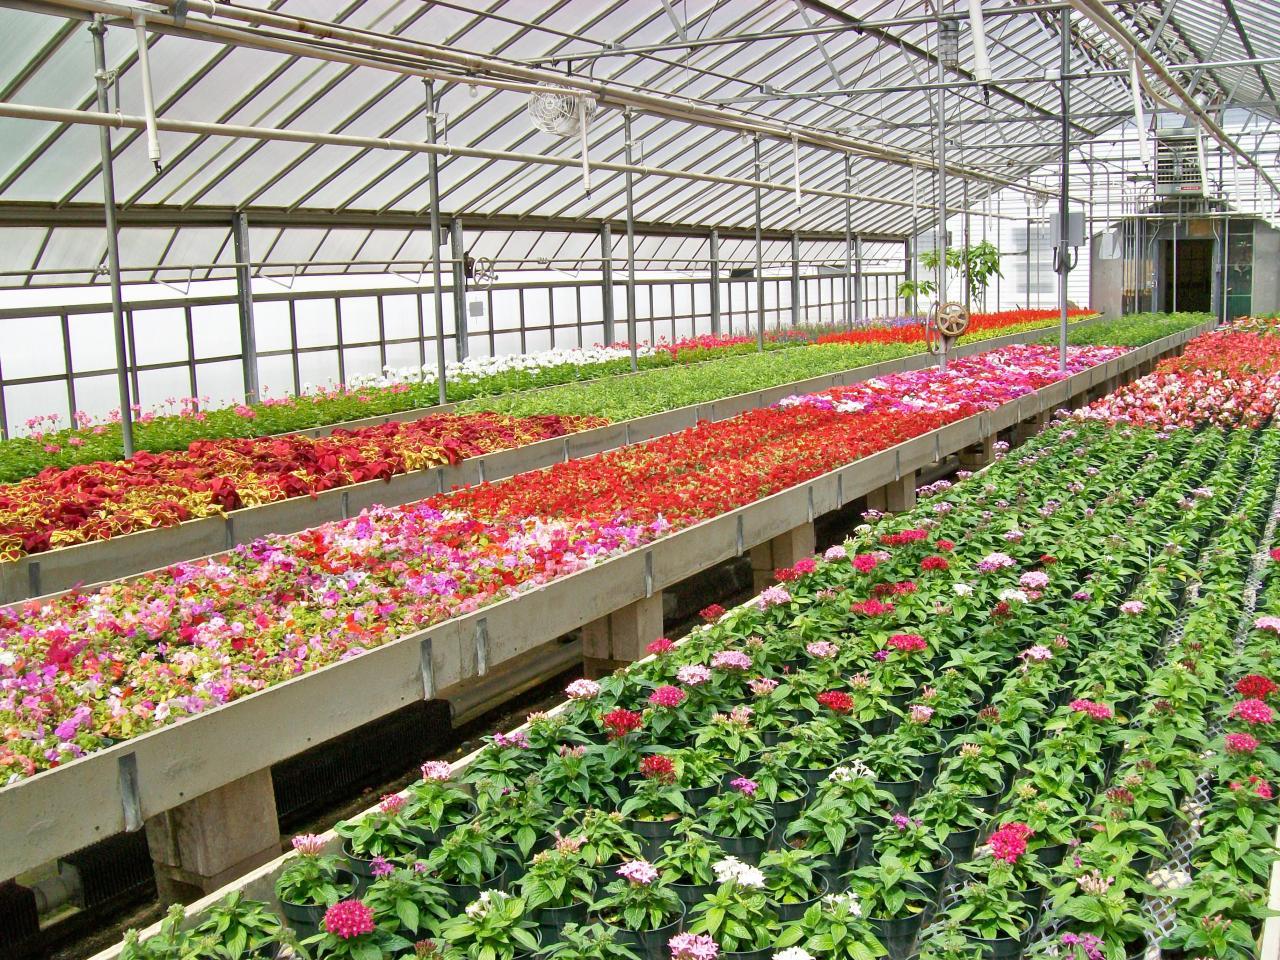 Flores otro beneficio del cultivo hidrop nico for Imagenes de hidroponia